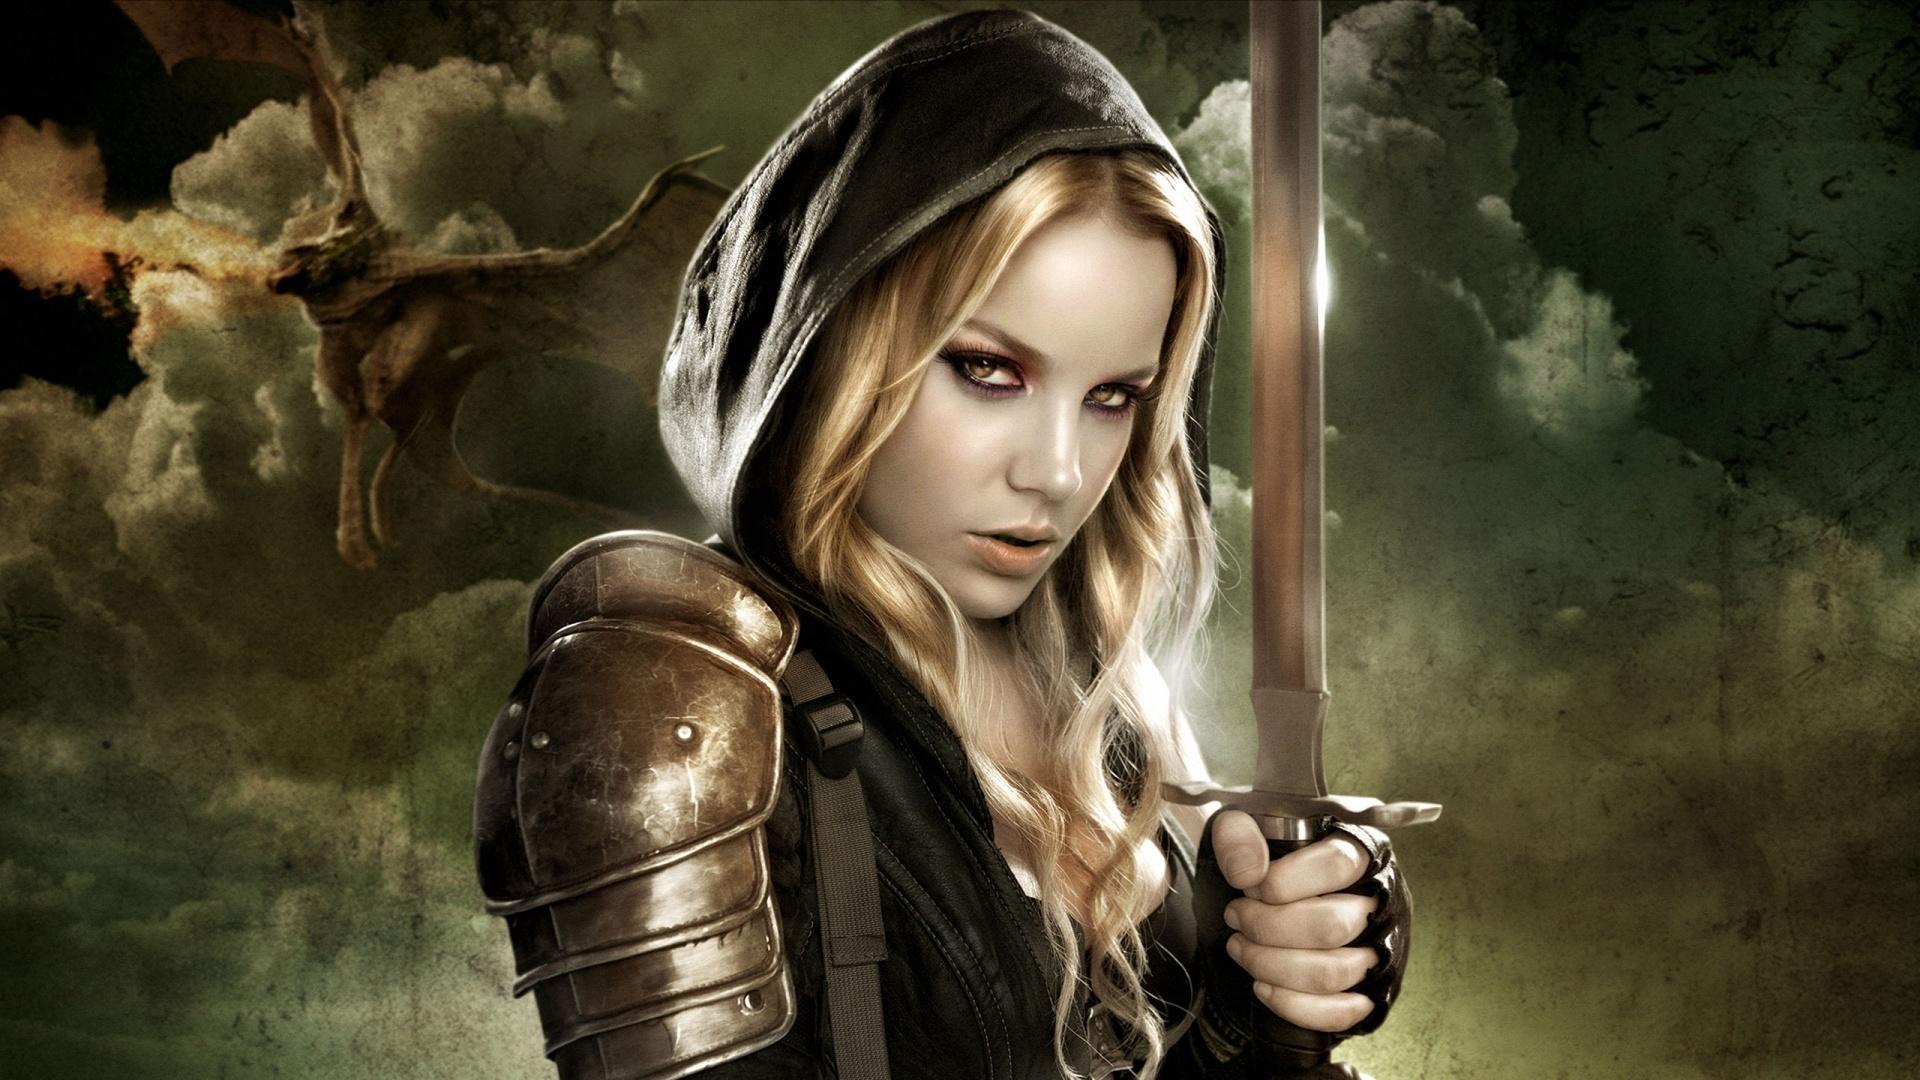 Картинка воинственная девушка